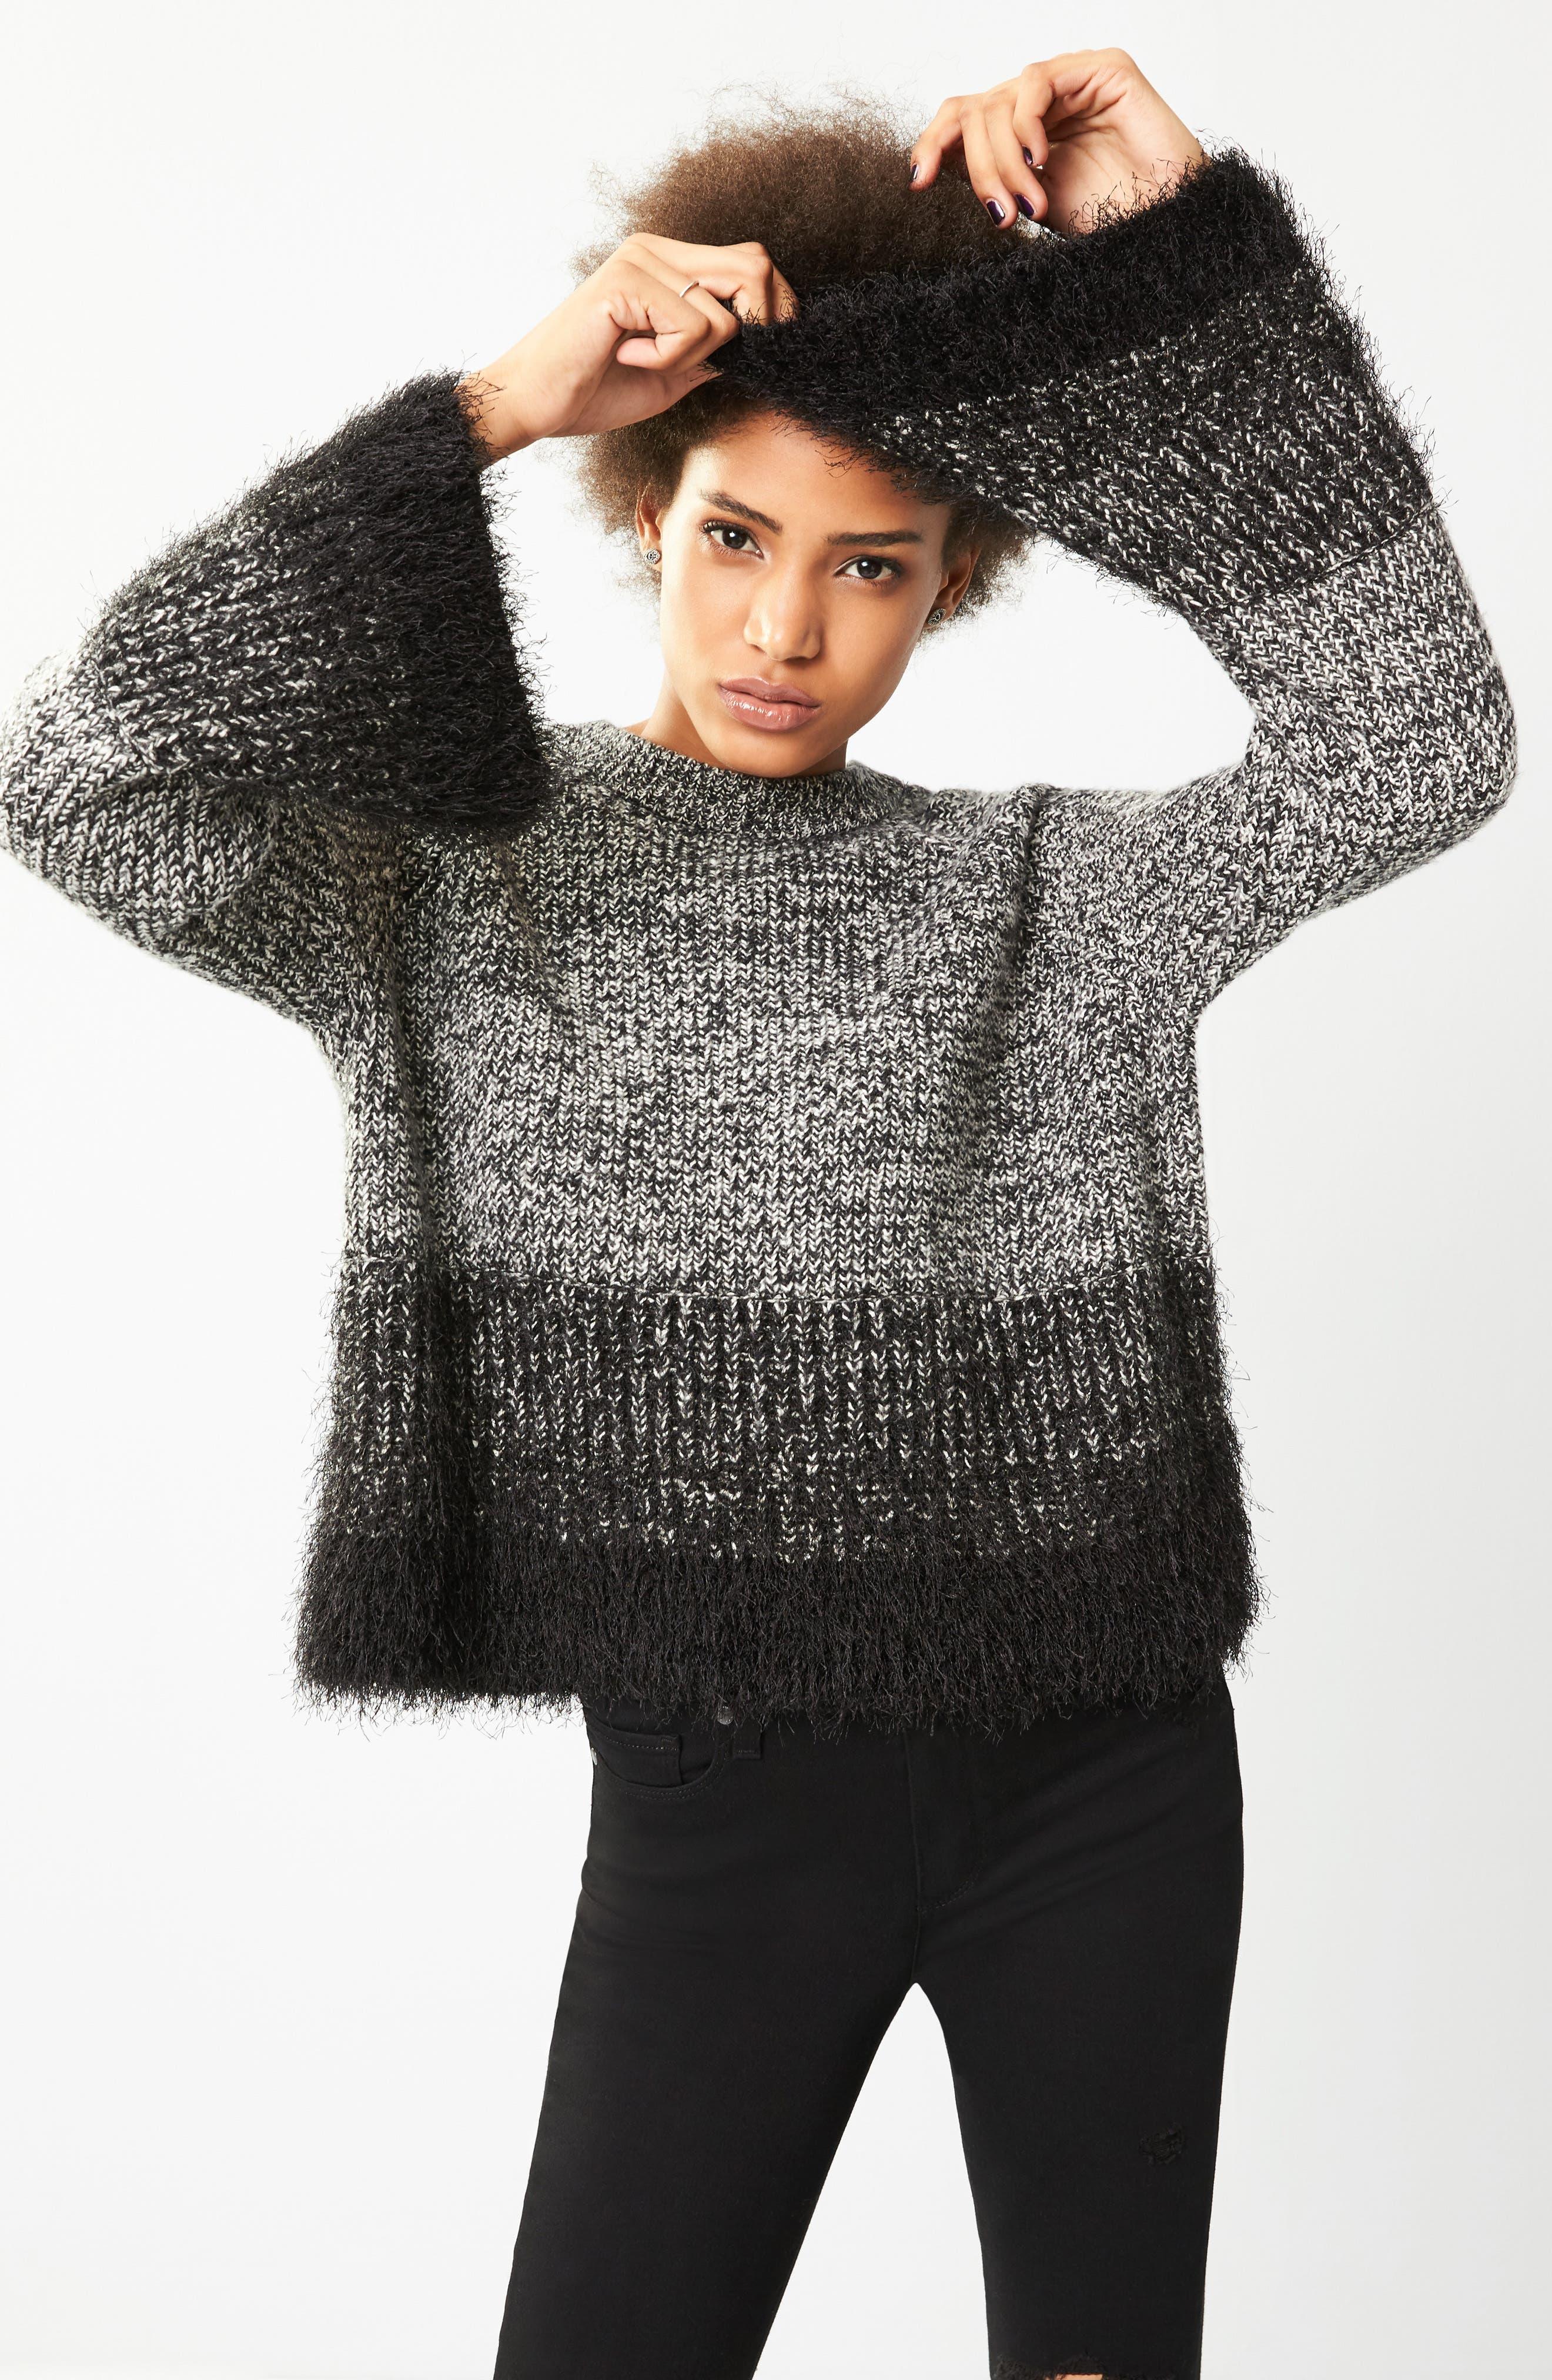 Eyelash Fringe Sweater,                             Alternate thumbnail 8, color,                             006